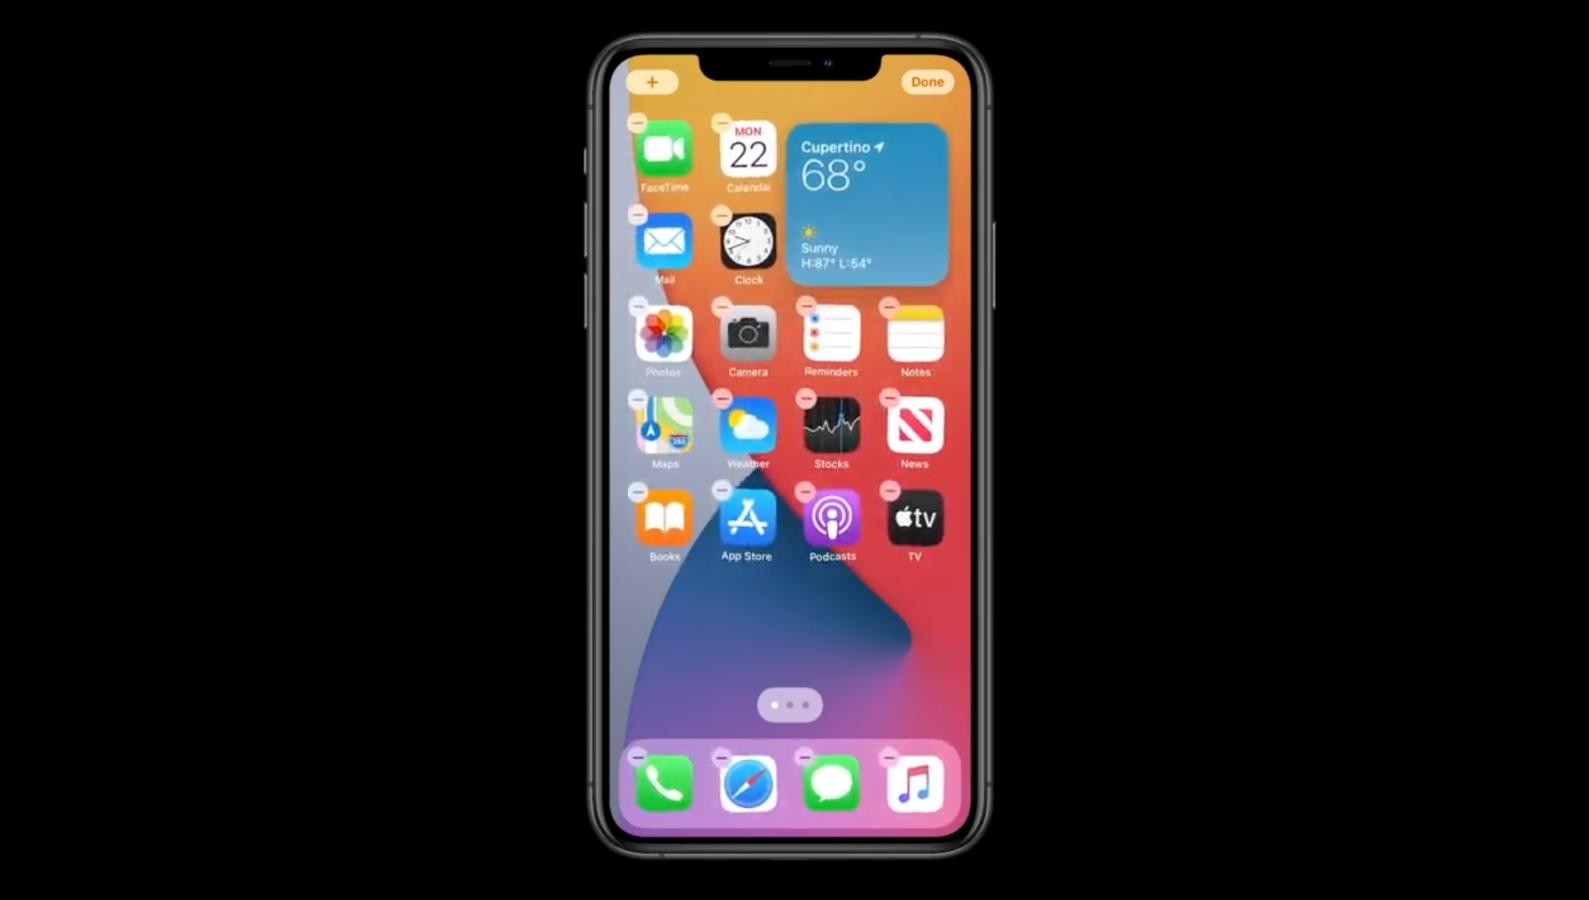 iOS 14 już oficjalnie! Widżety, Picture in Picture, cyfrowy kluczyk i wiele więcej 20